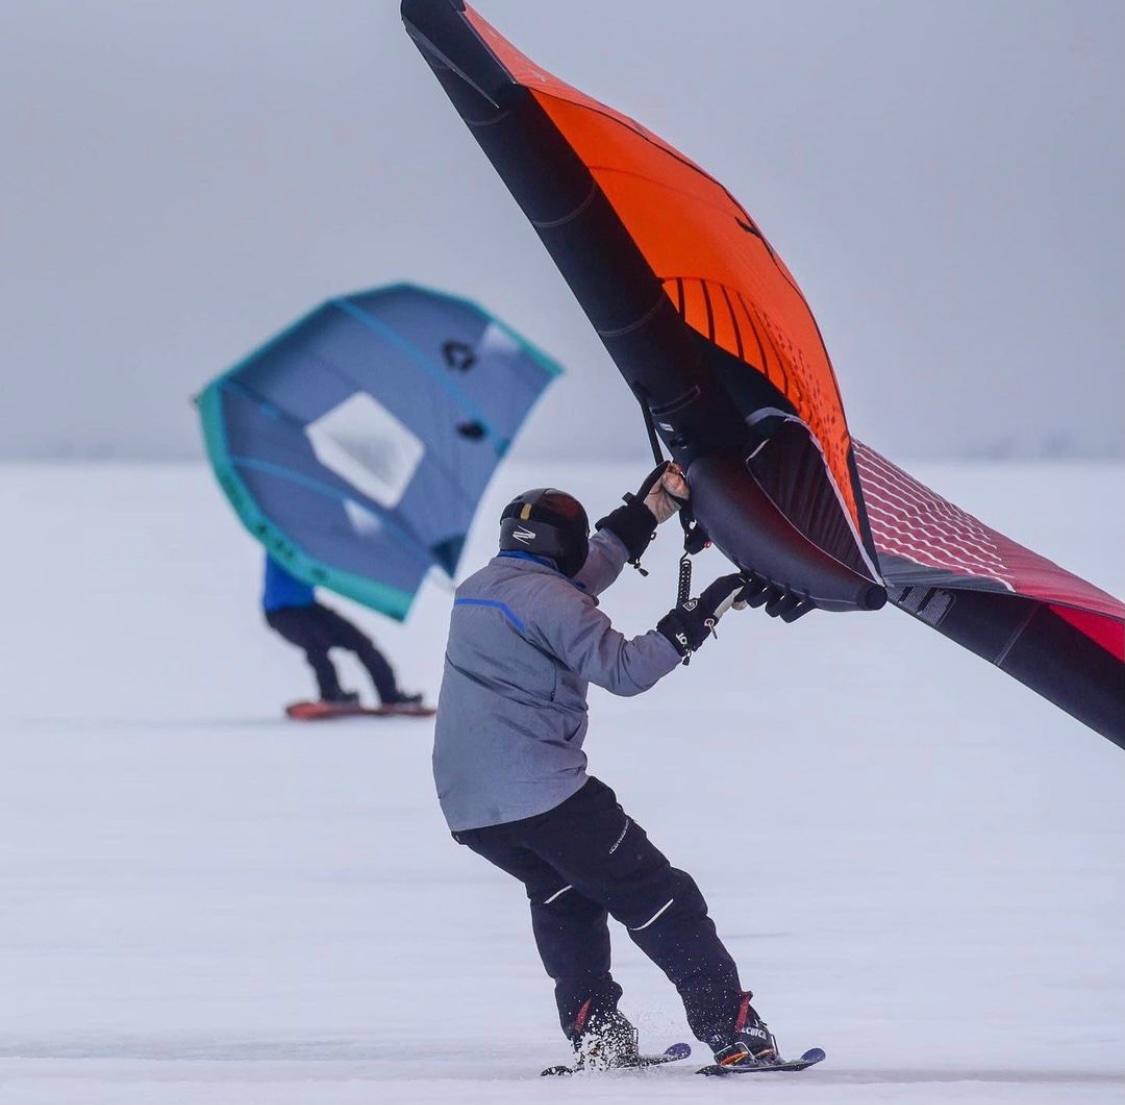 Kitewing on Skis at Sandbar Causeway